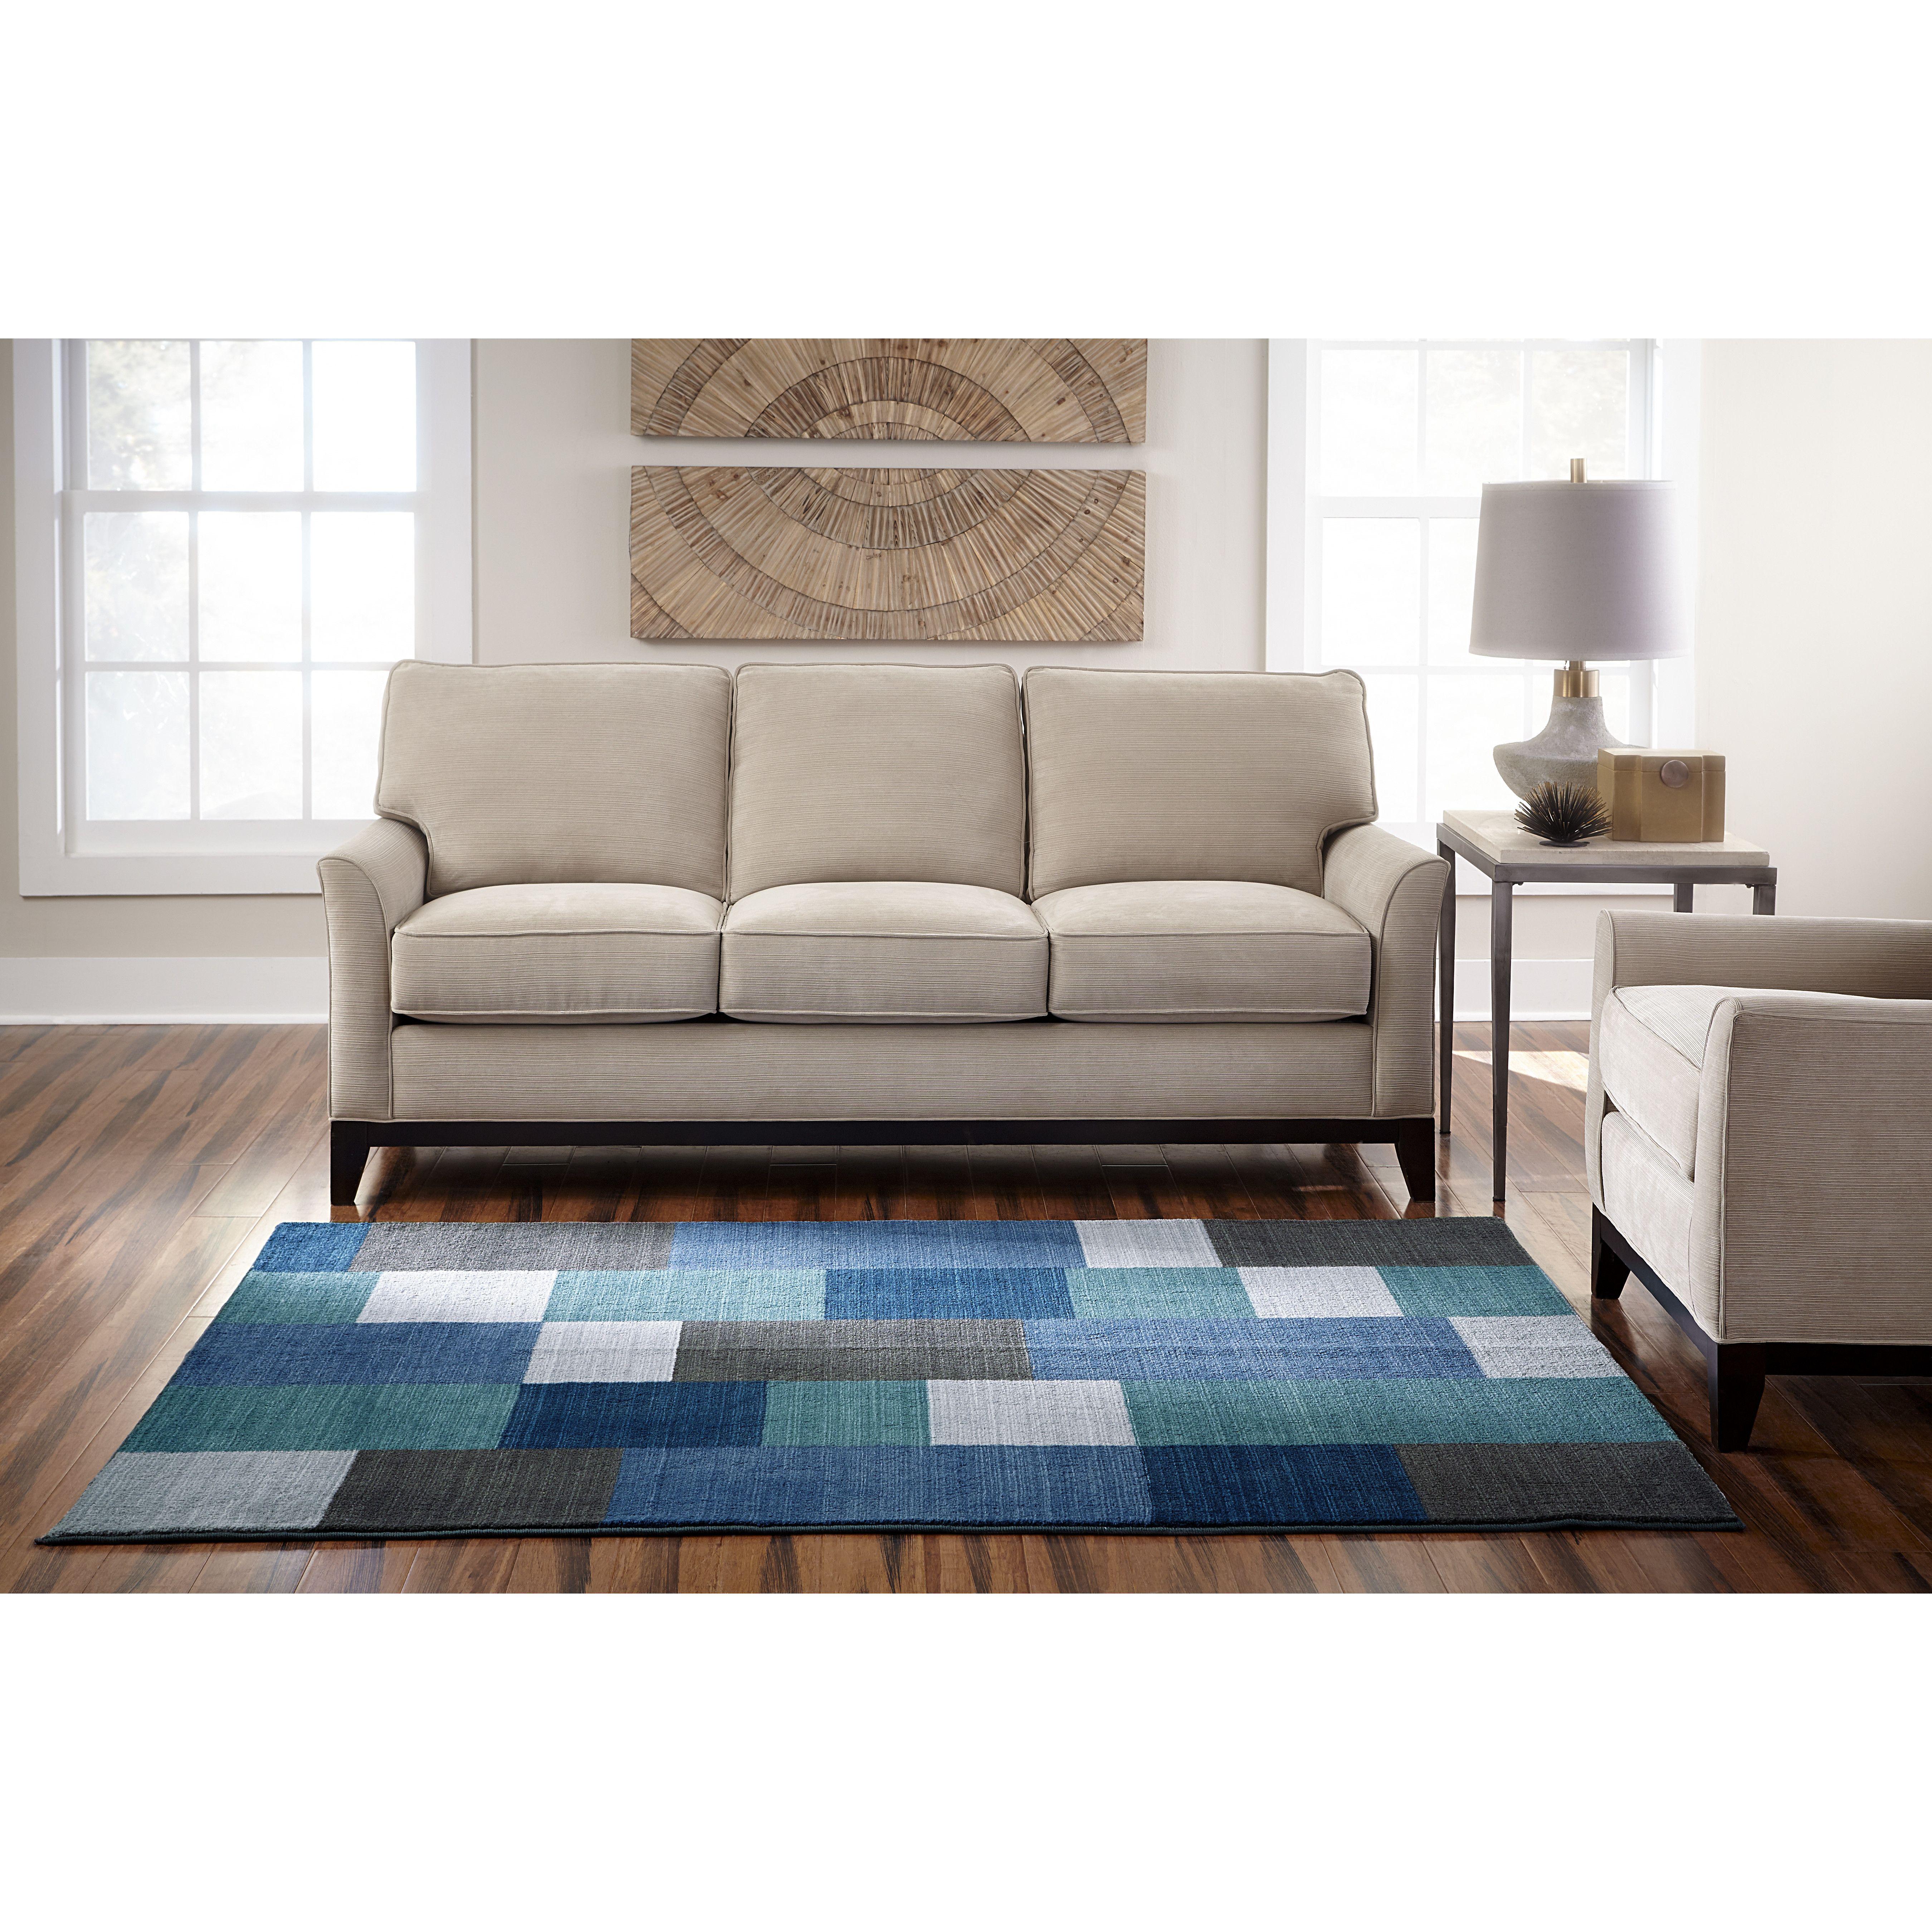 Lavita teal area rug